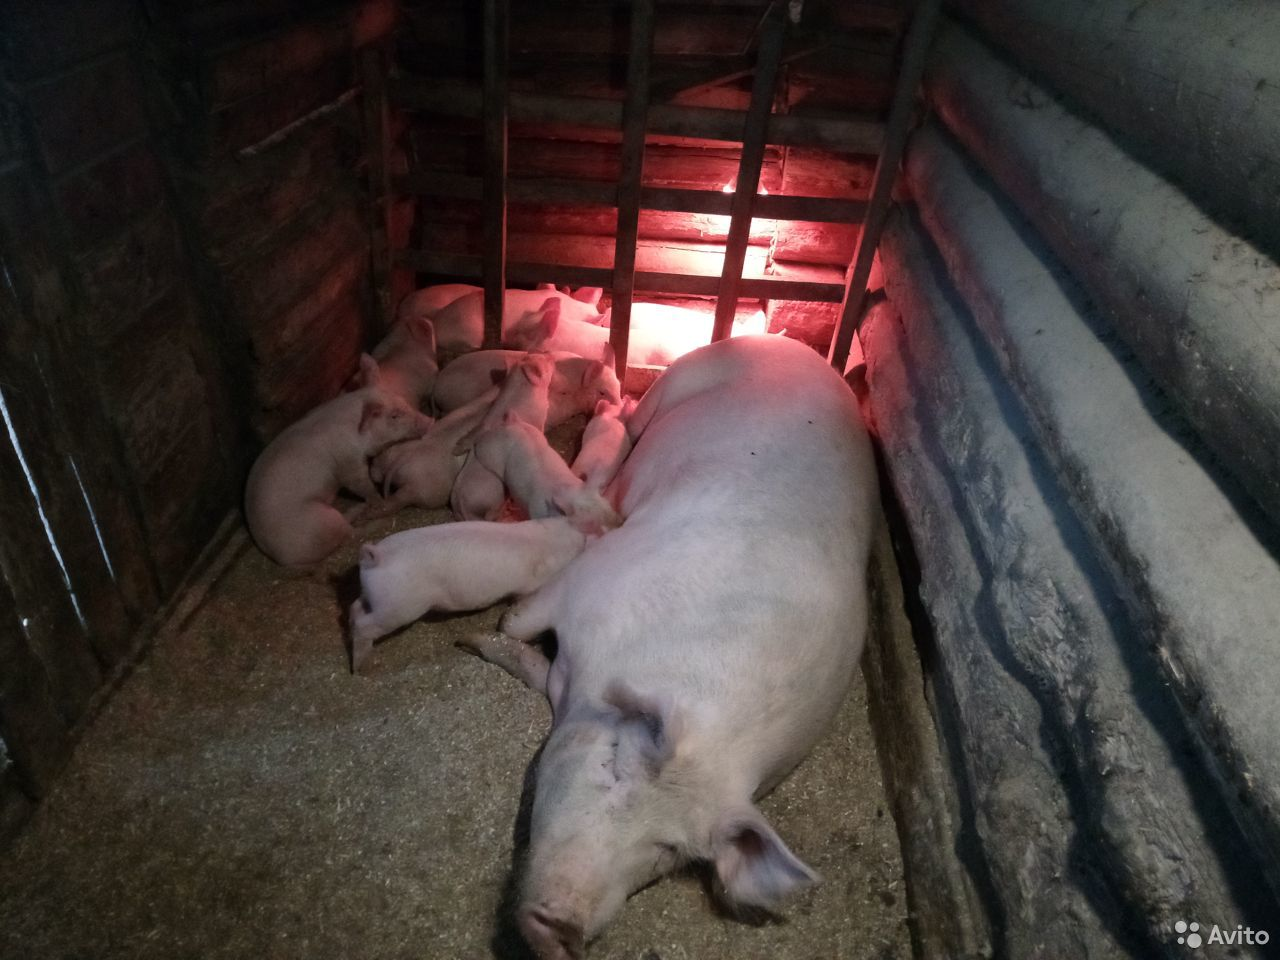 Поросята. Осталось 2 свинки и 3 хрячка. 12-15 кг  89005575791 купить 1